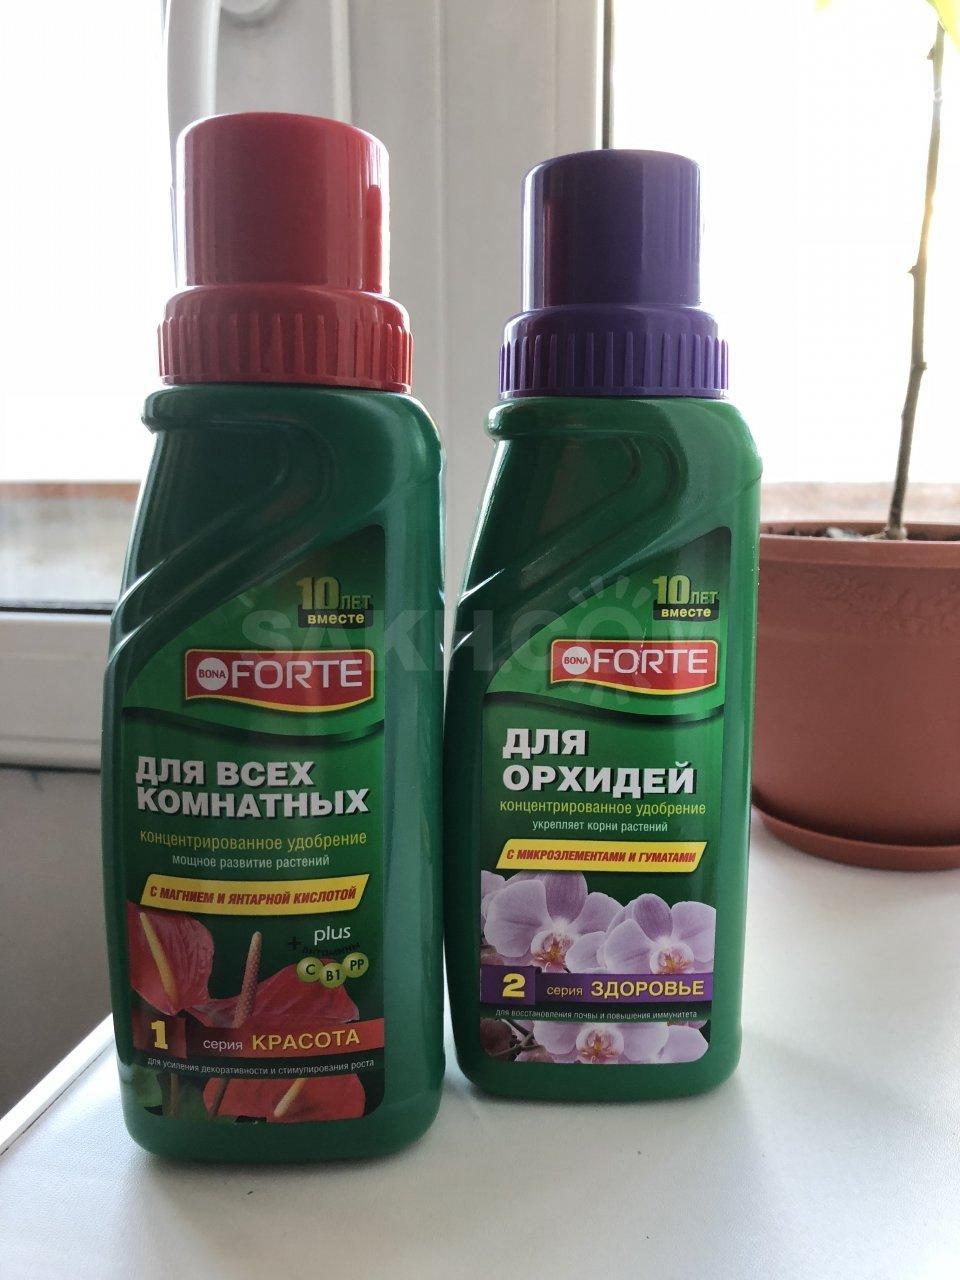 удобрение для орхидей форте инструкция по применению